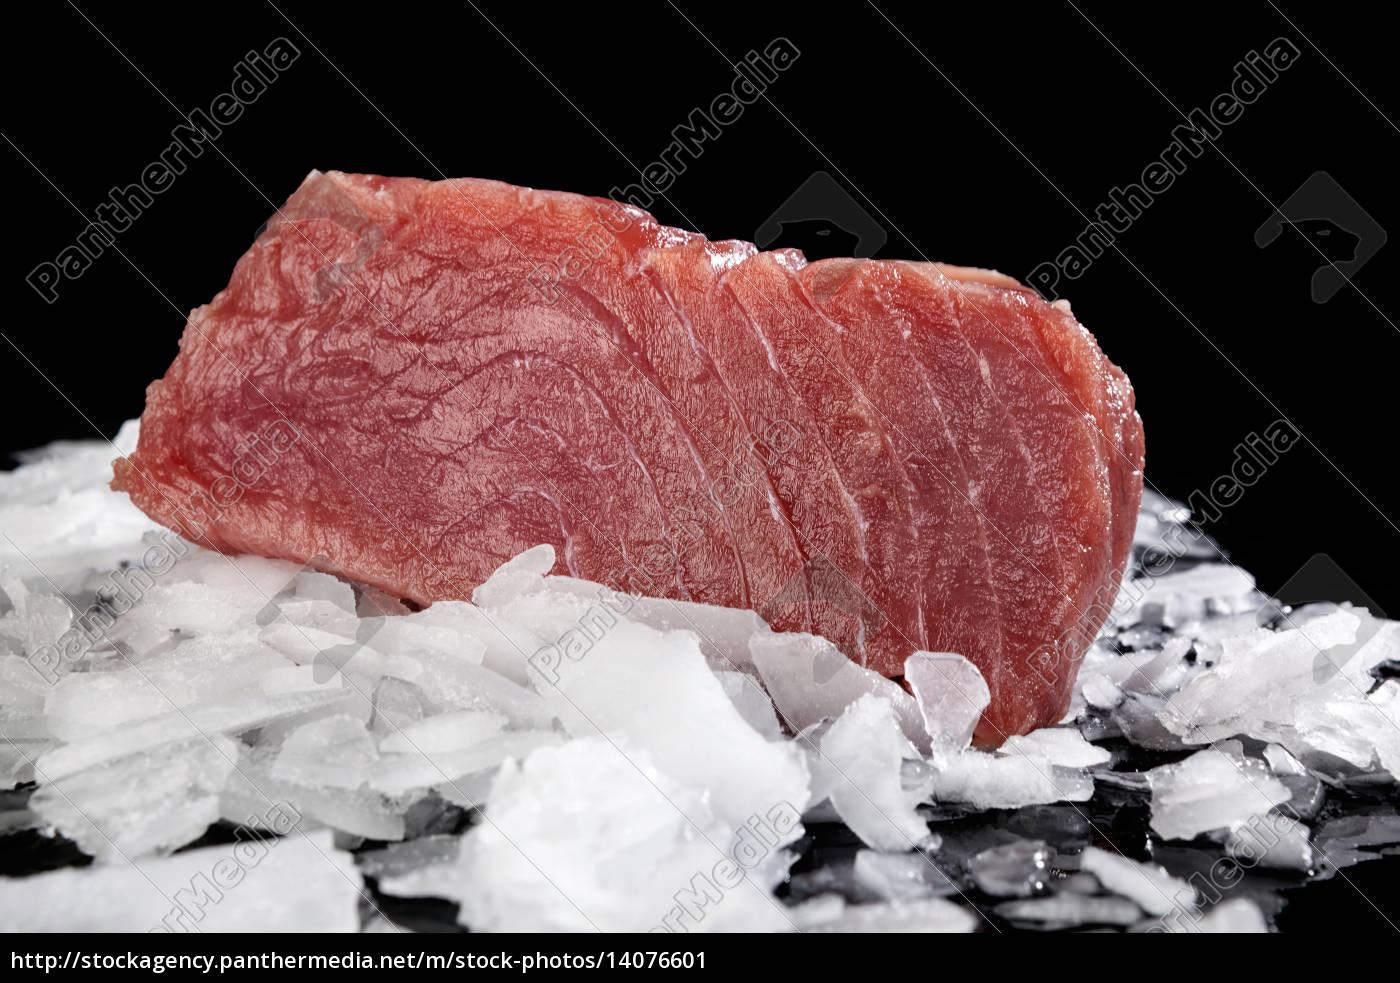 big, tuna, steak, on, ice. - 14076601